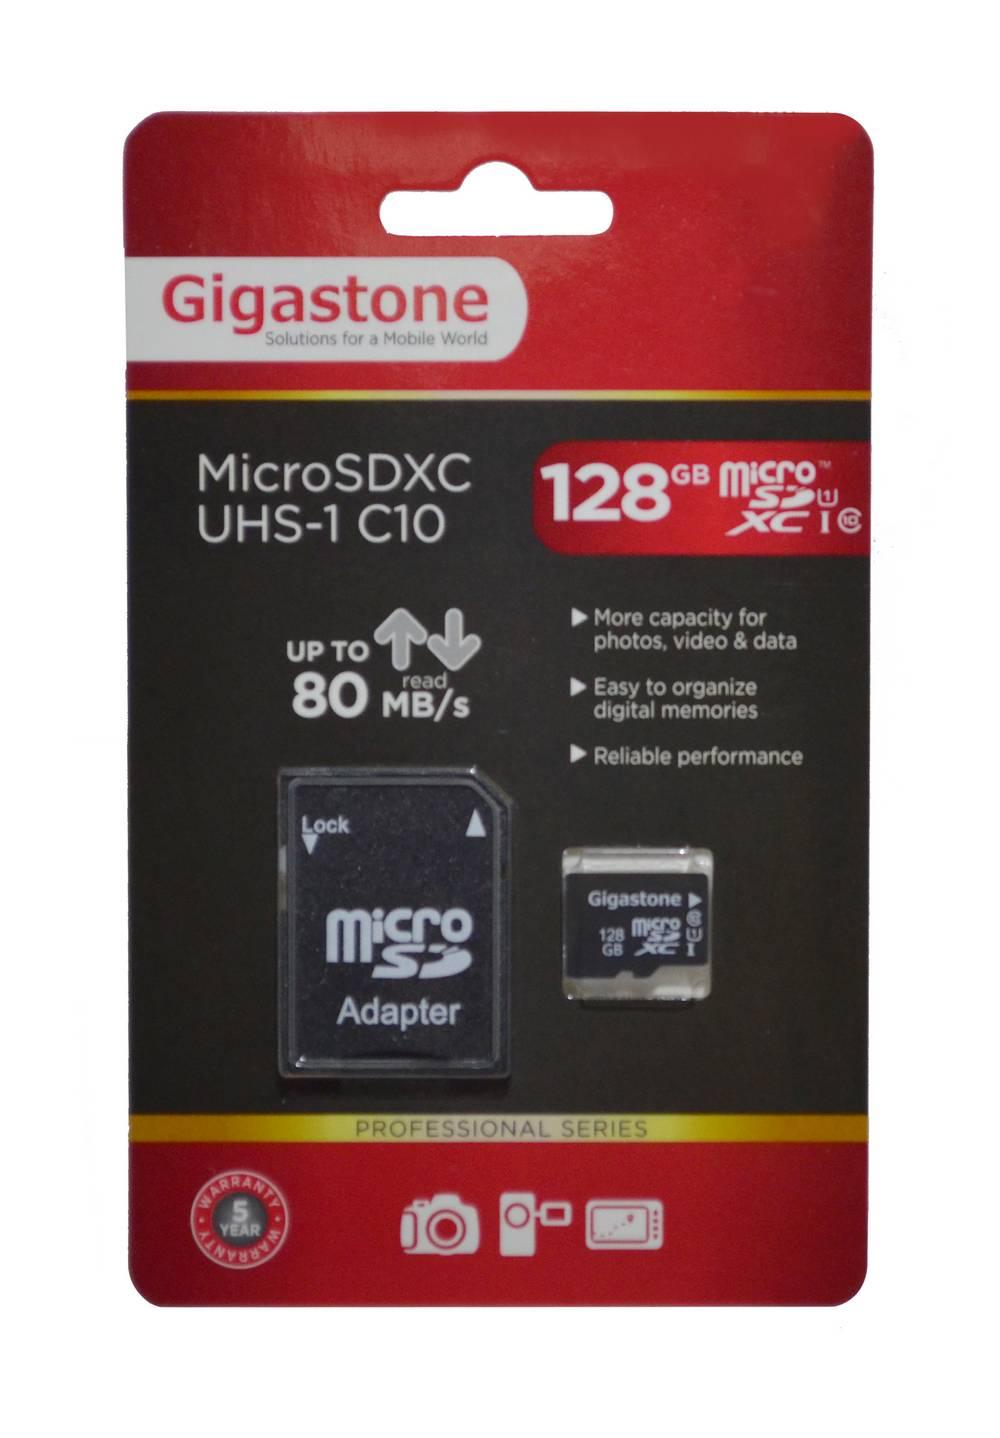 Κάρτα Μνήμης Gigastone MicroSDXC UHS-1 128GB C10 Professional Series με SD Αντάπτορα up to 80 MB/s*